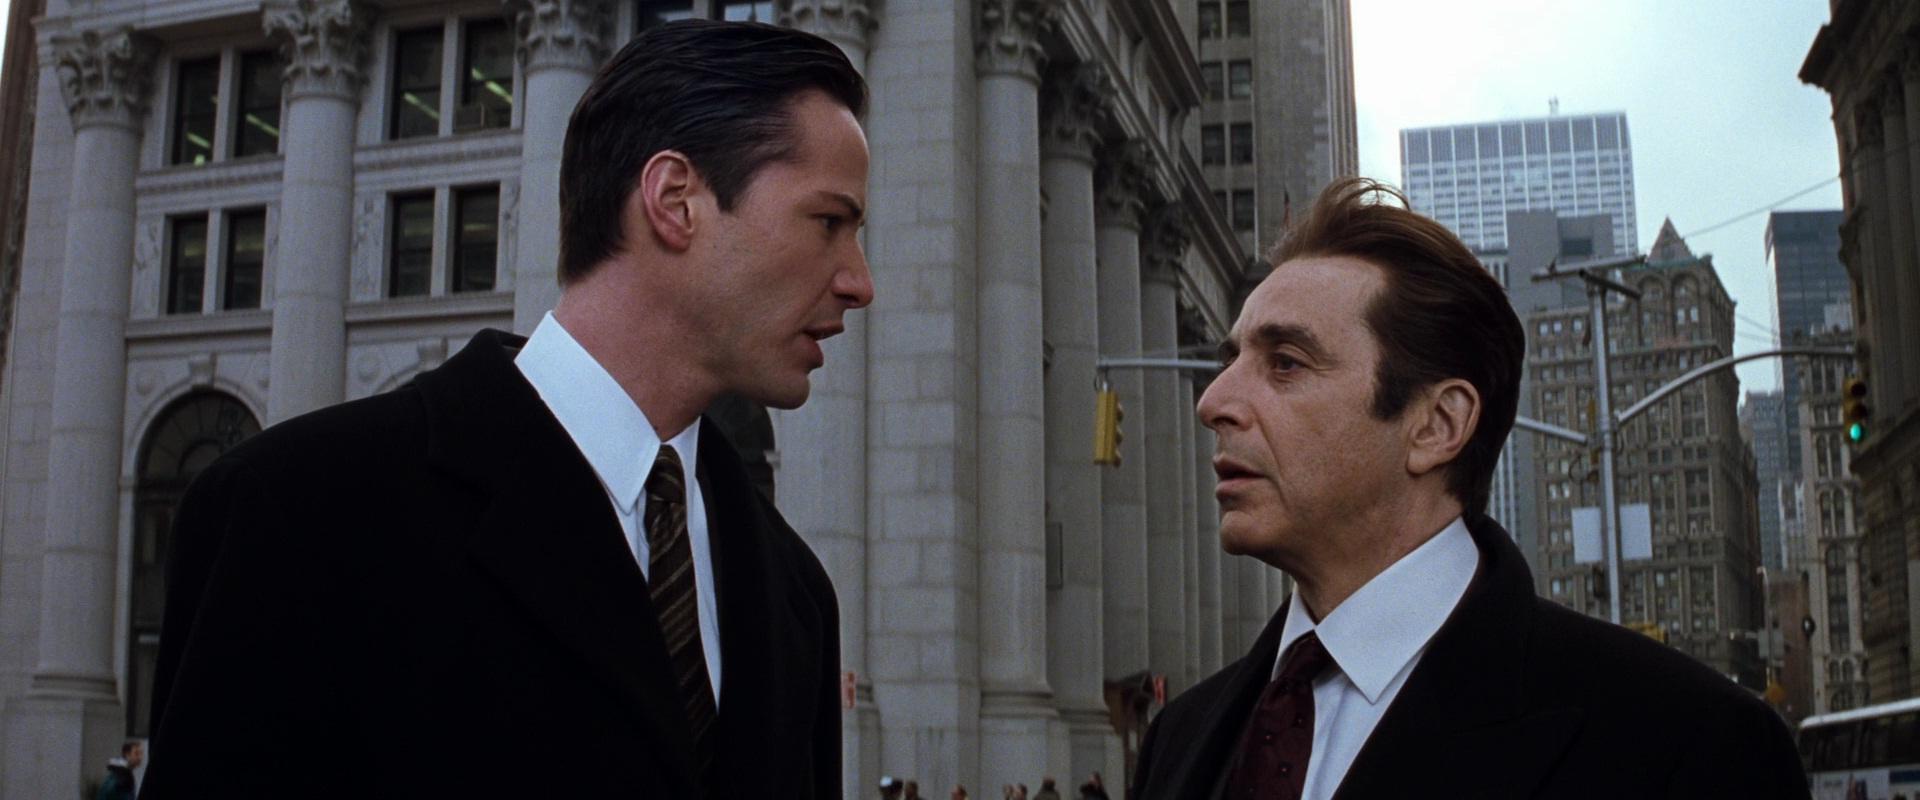 Кадры из фильма адвокат дьявола